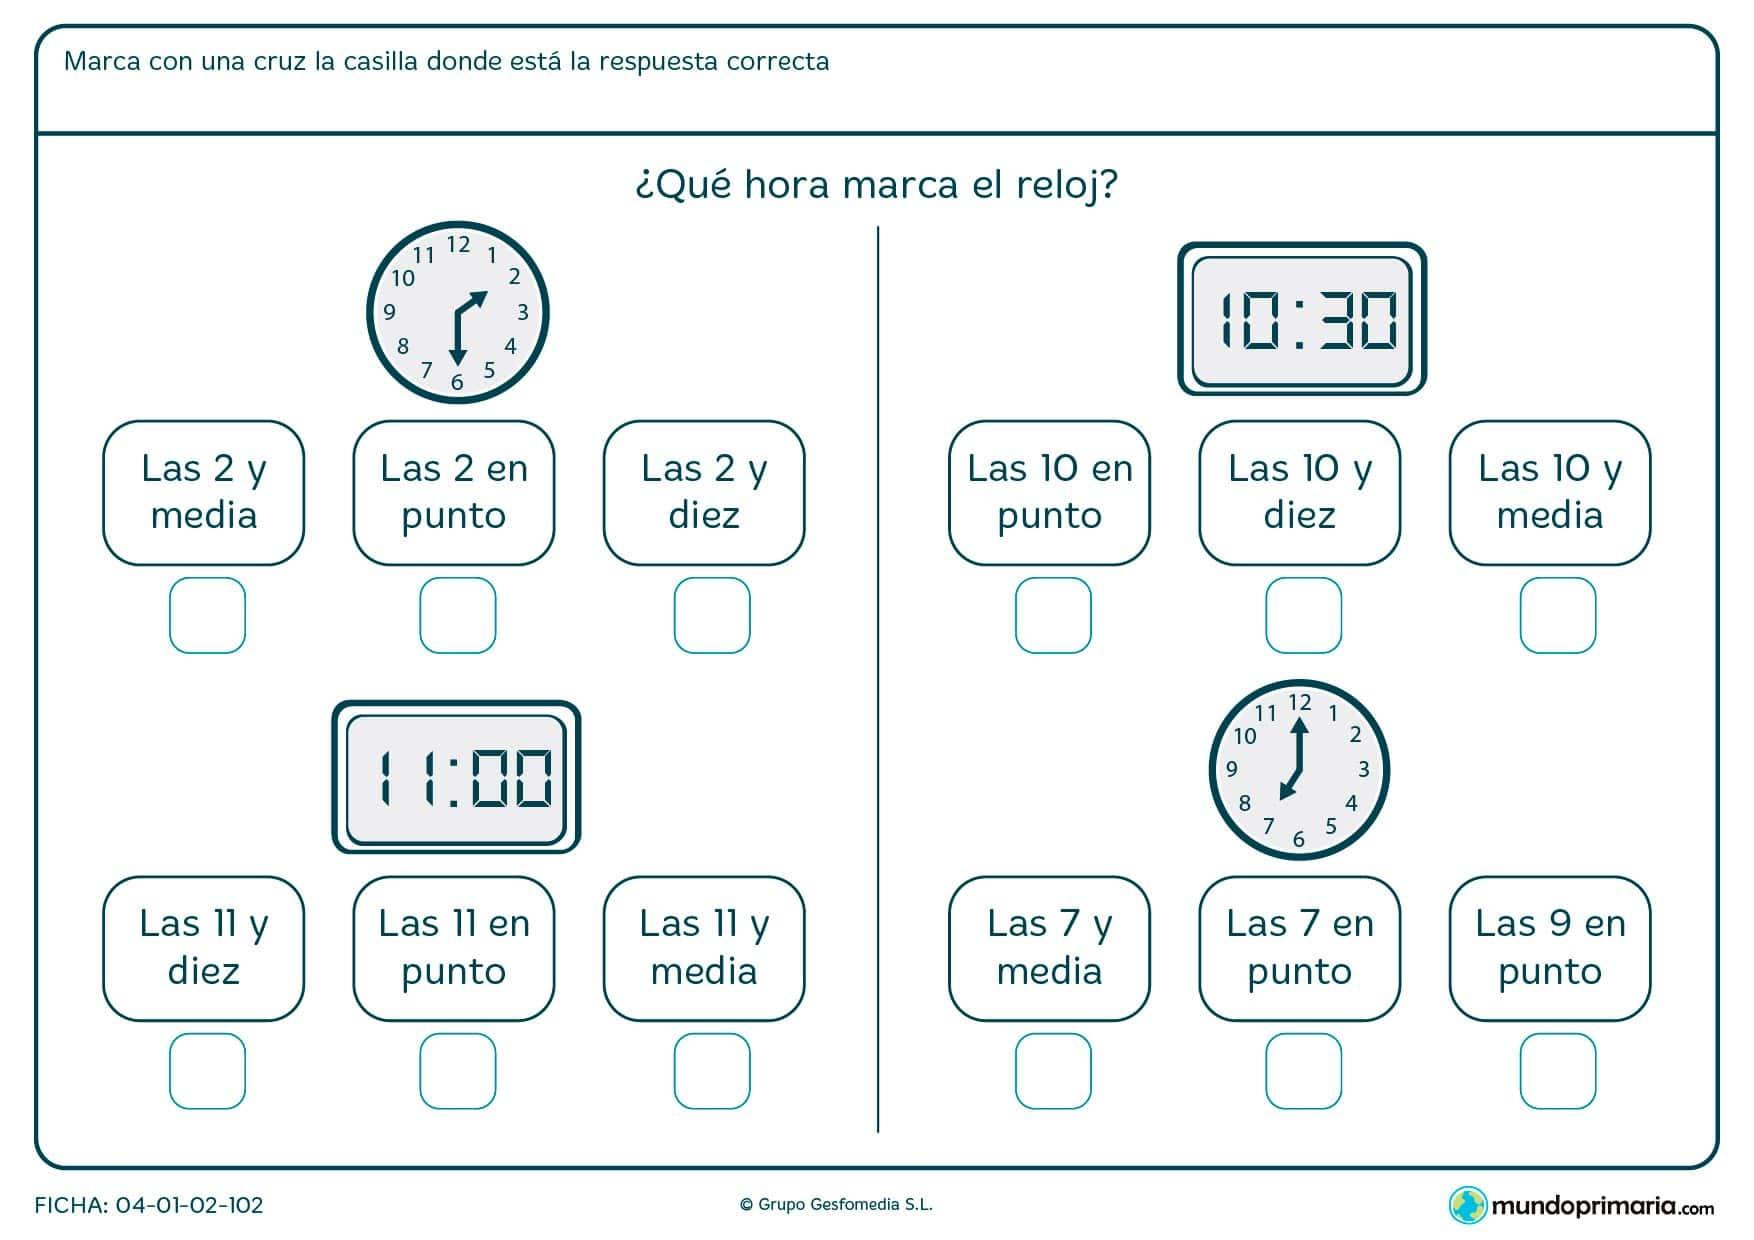 Ficha de diferentes relojes en la que hay que averiguar la hora que marca.